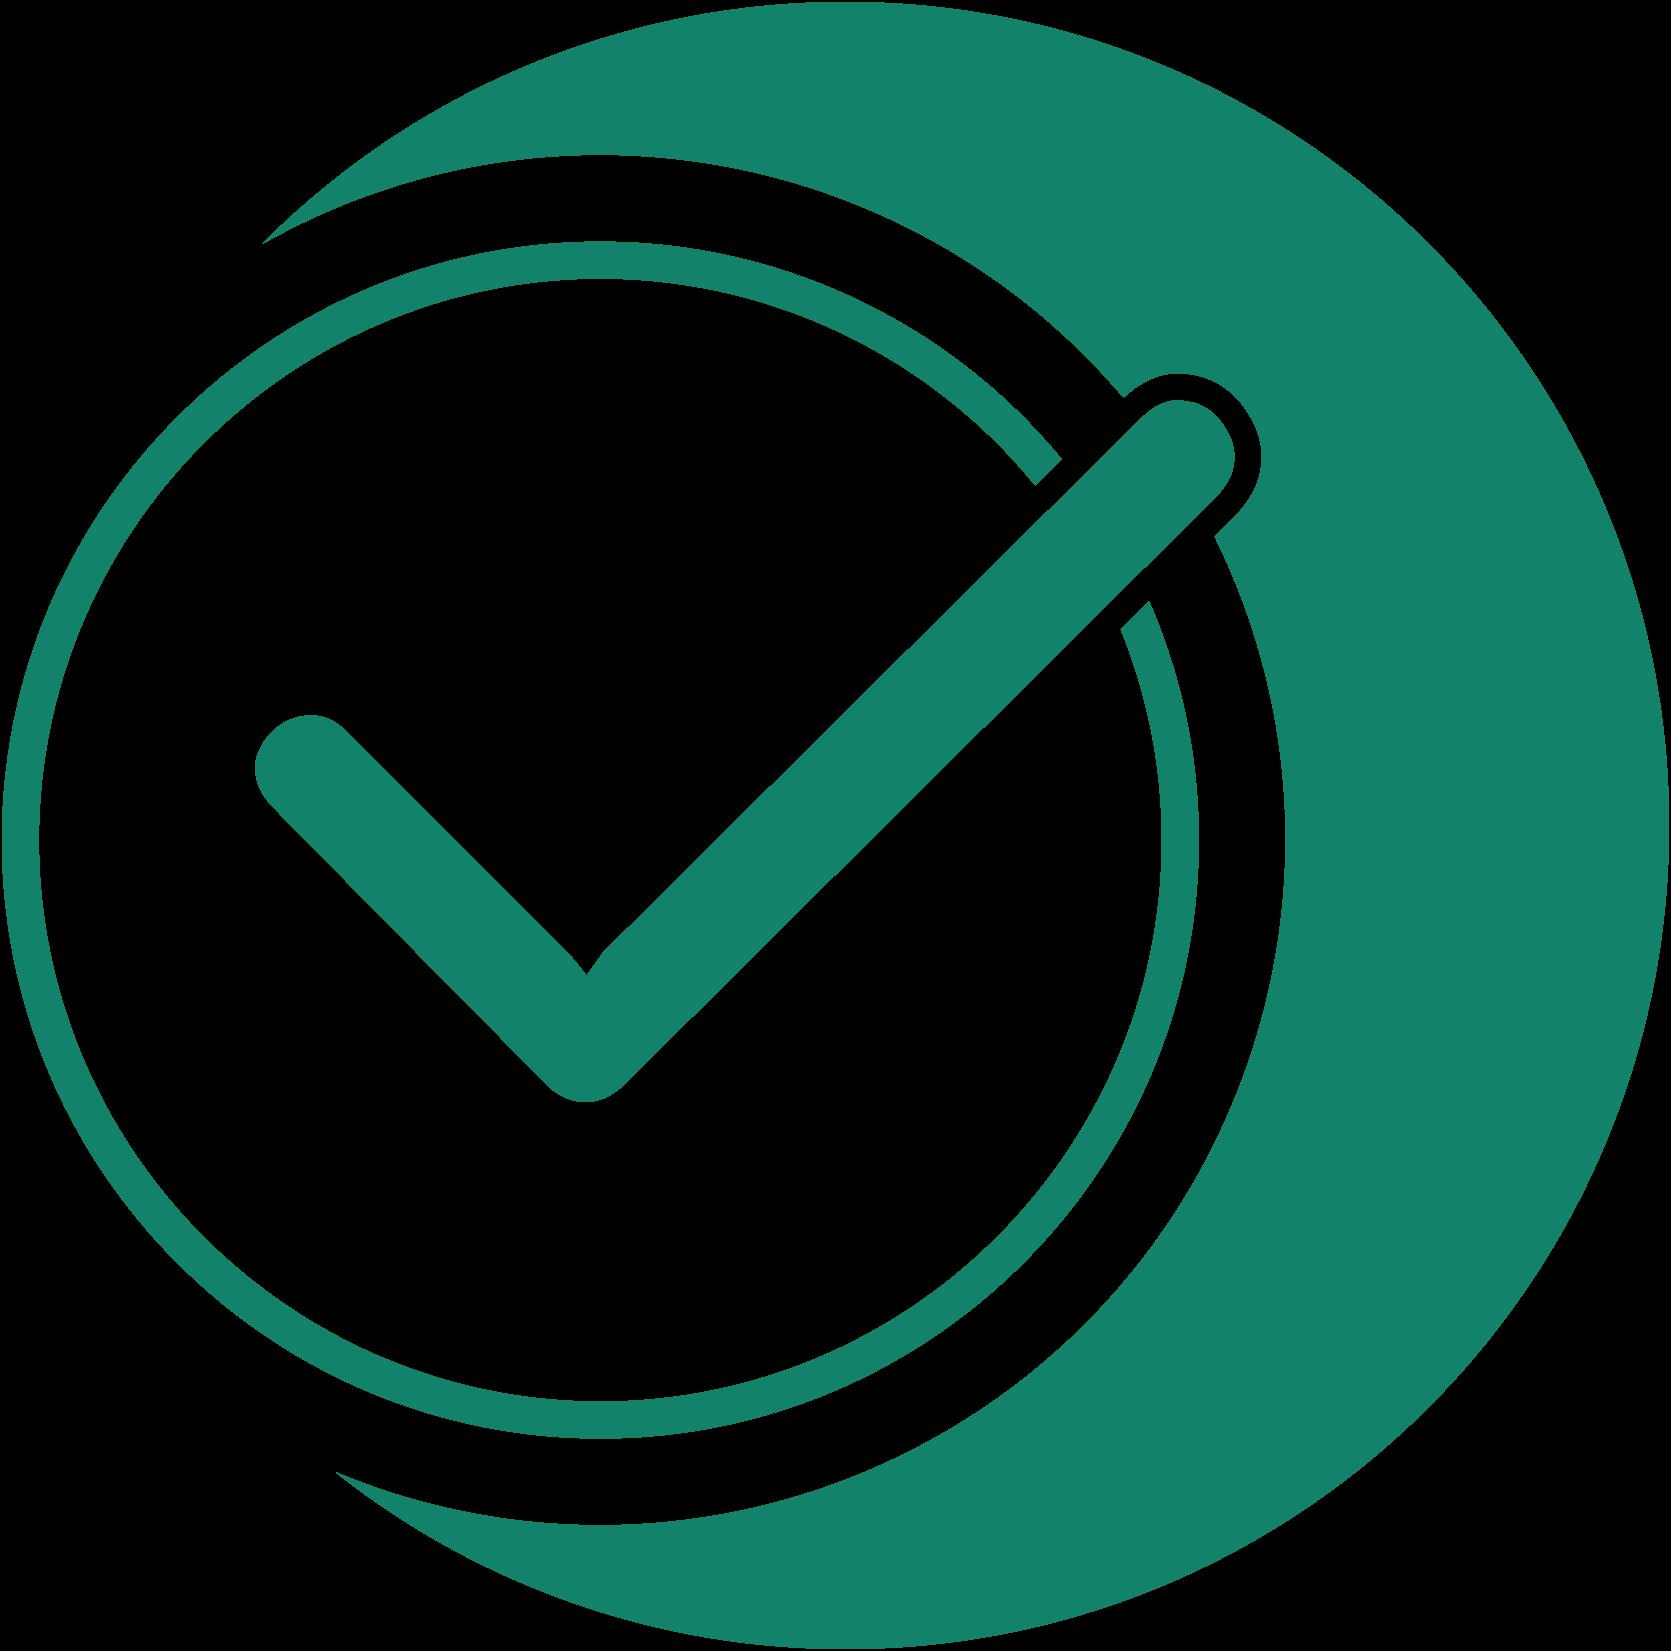 Gérez votre location en toute simplicité! A partir du 12ème mois de votre contrat, vous pouvez changer de produit.